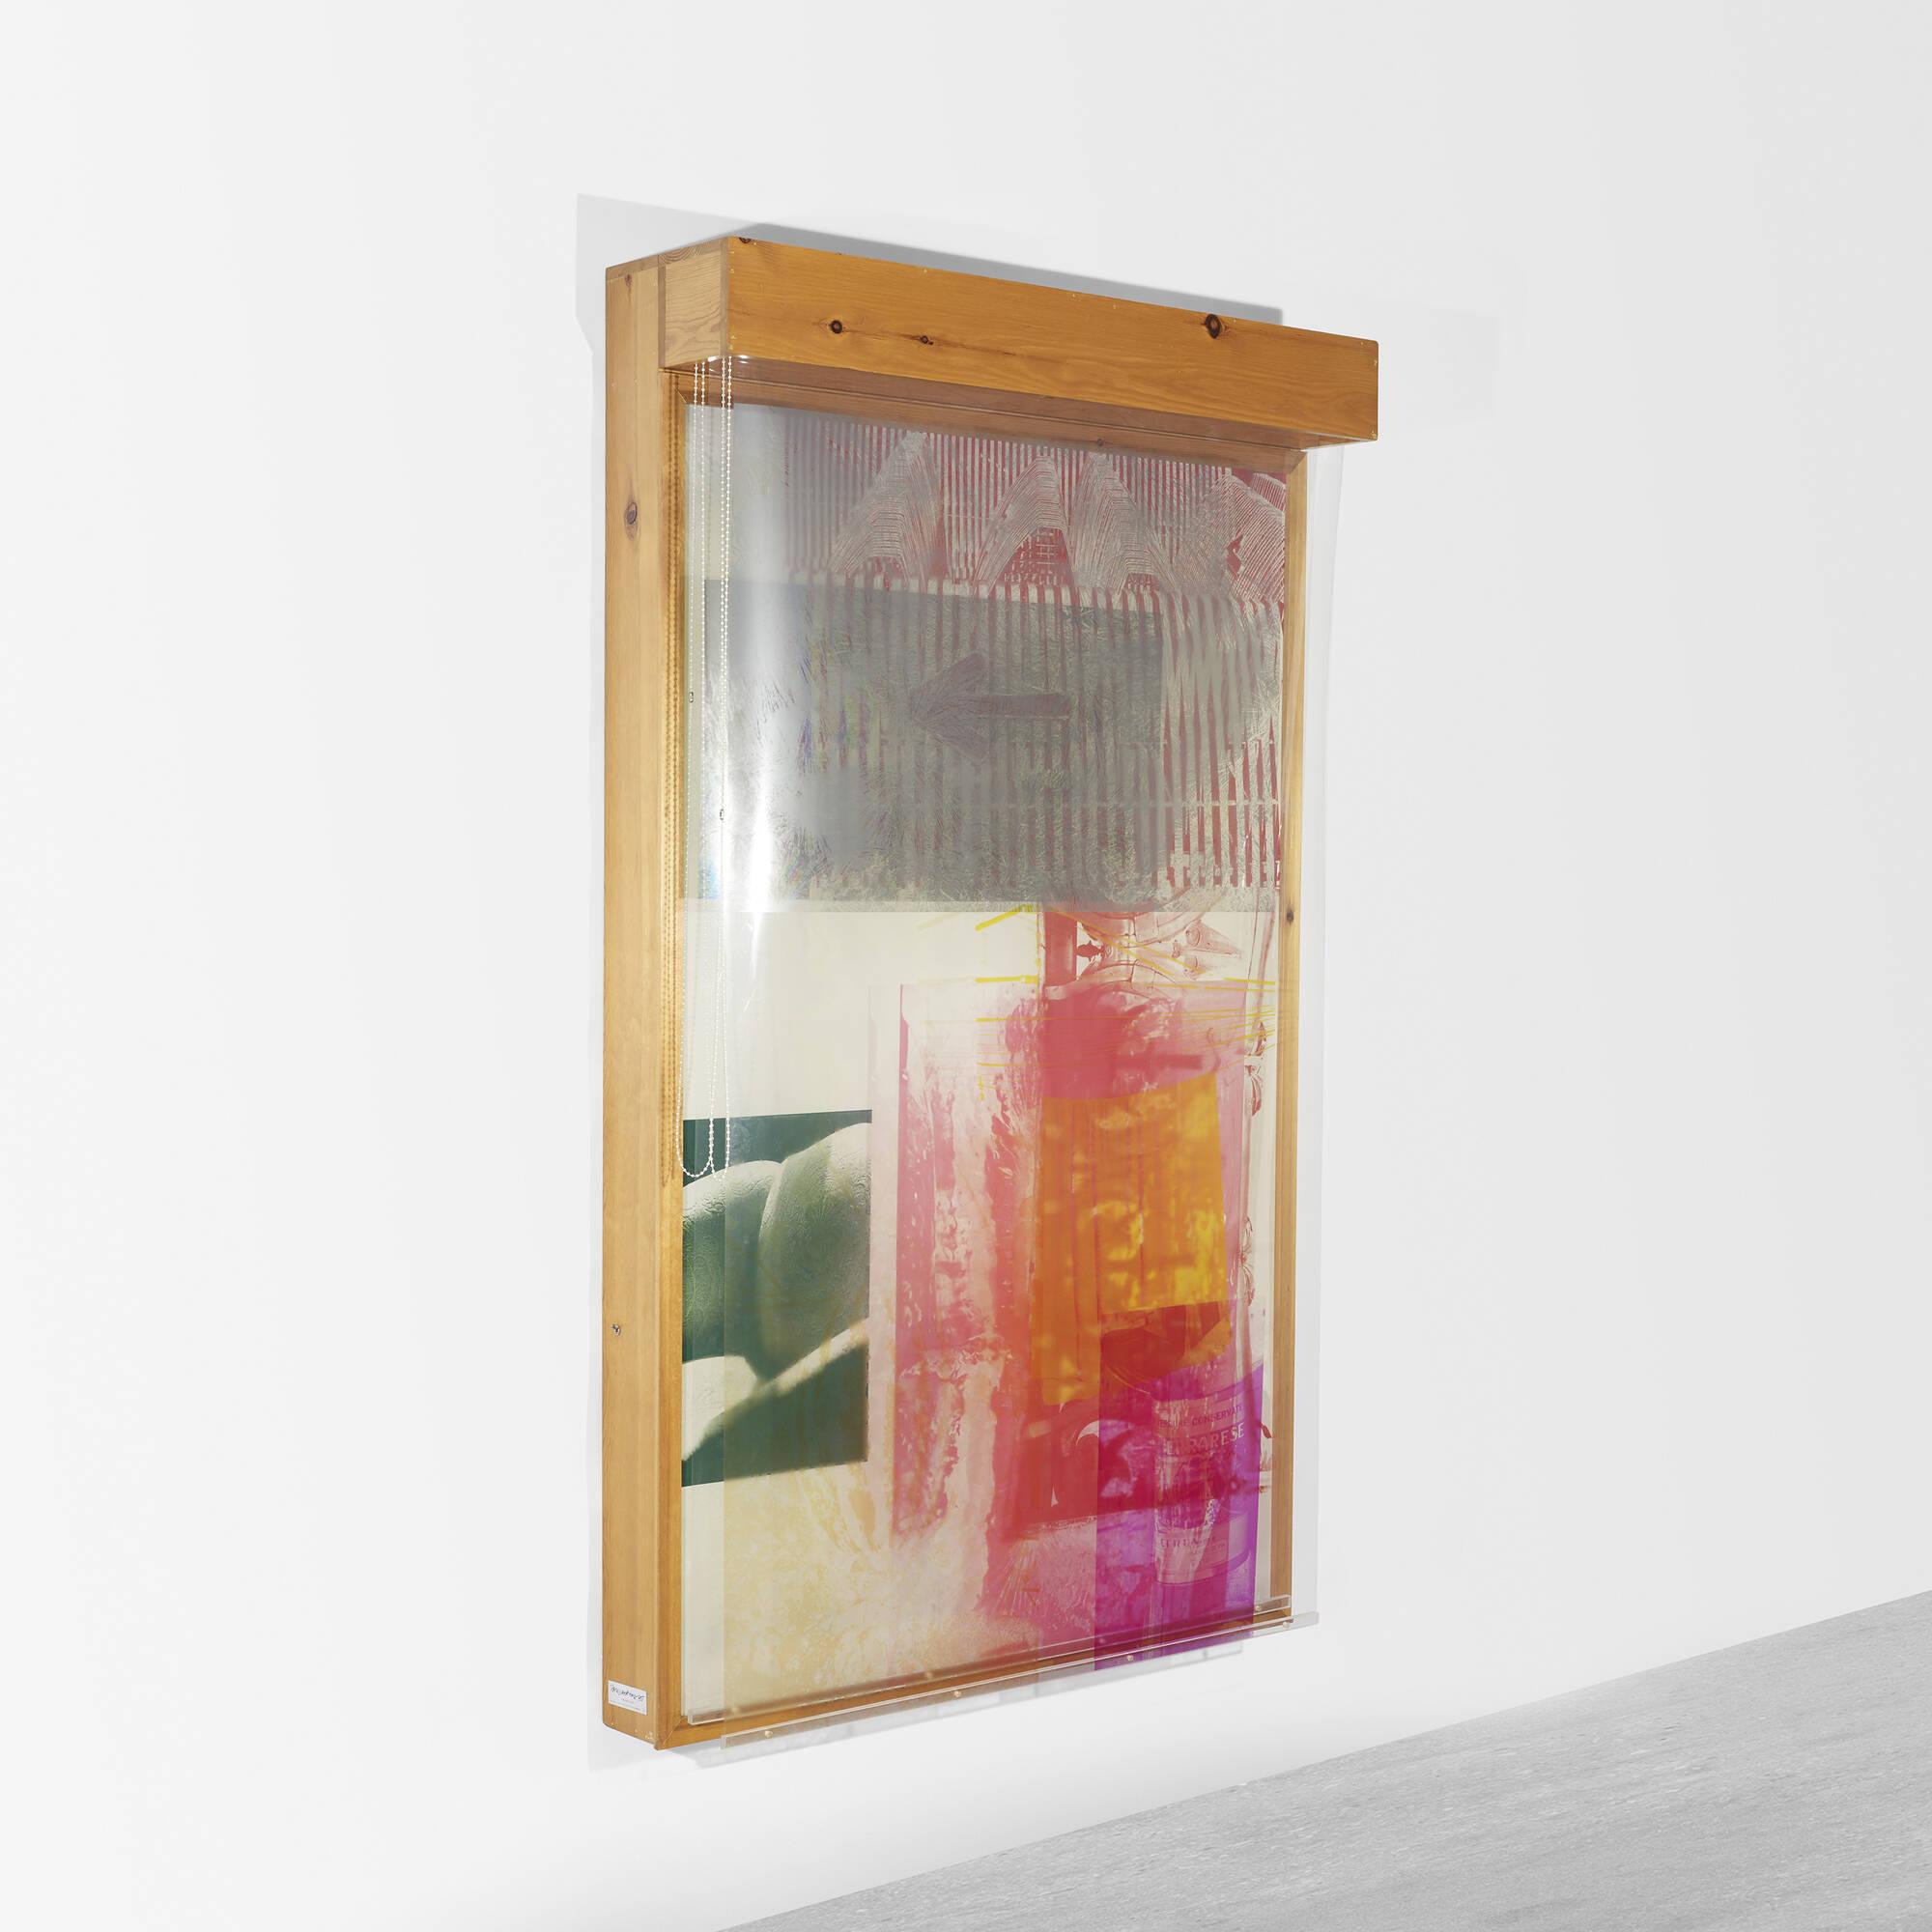 ROBERT RAUSCHENBERG SlingShots Lit No Art Design - Lit design 2015